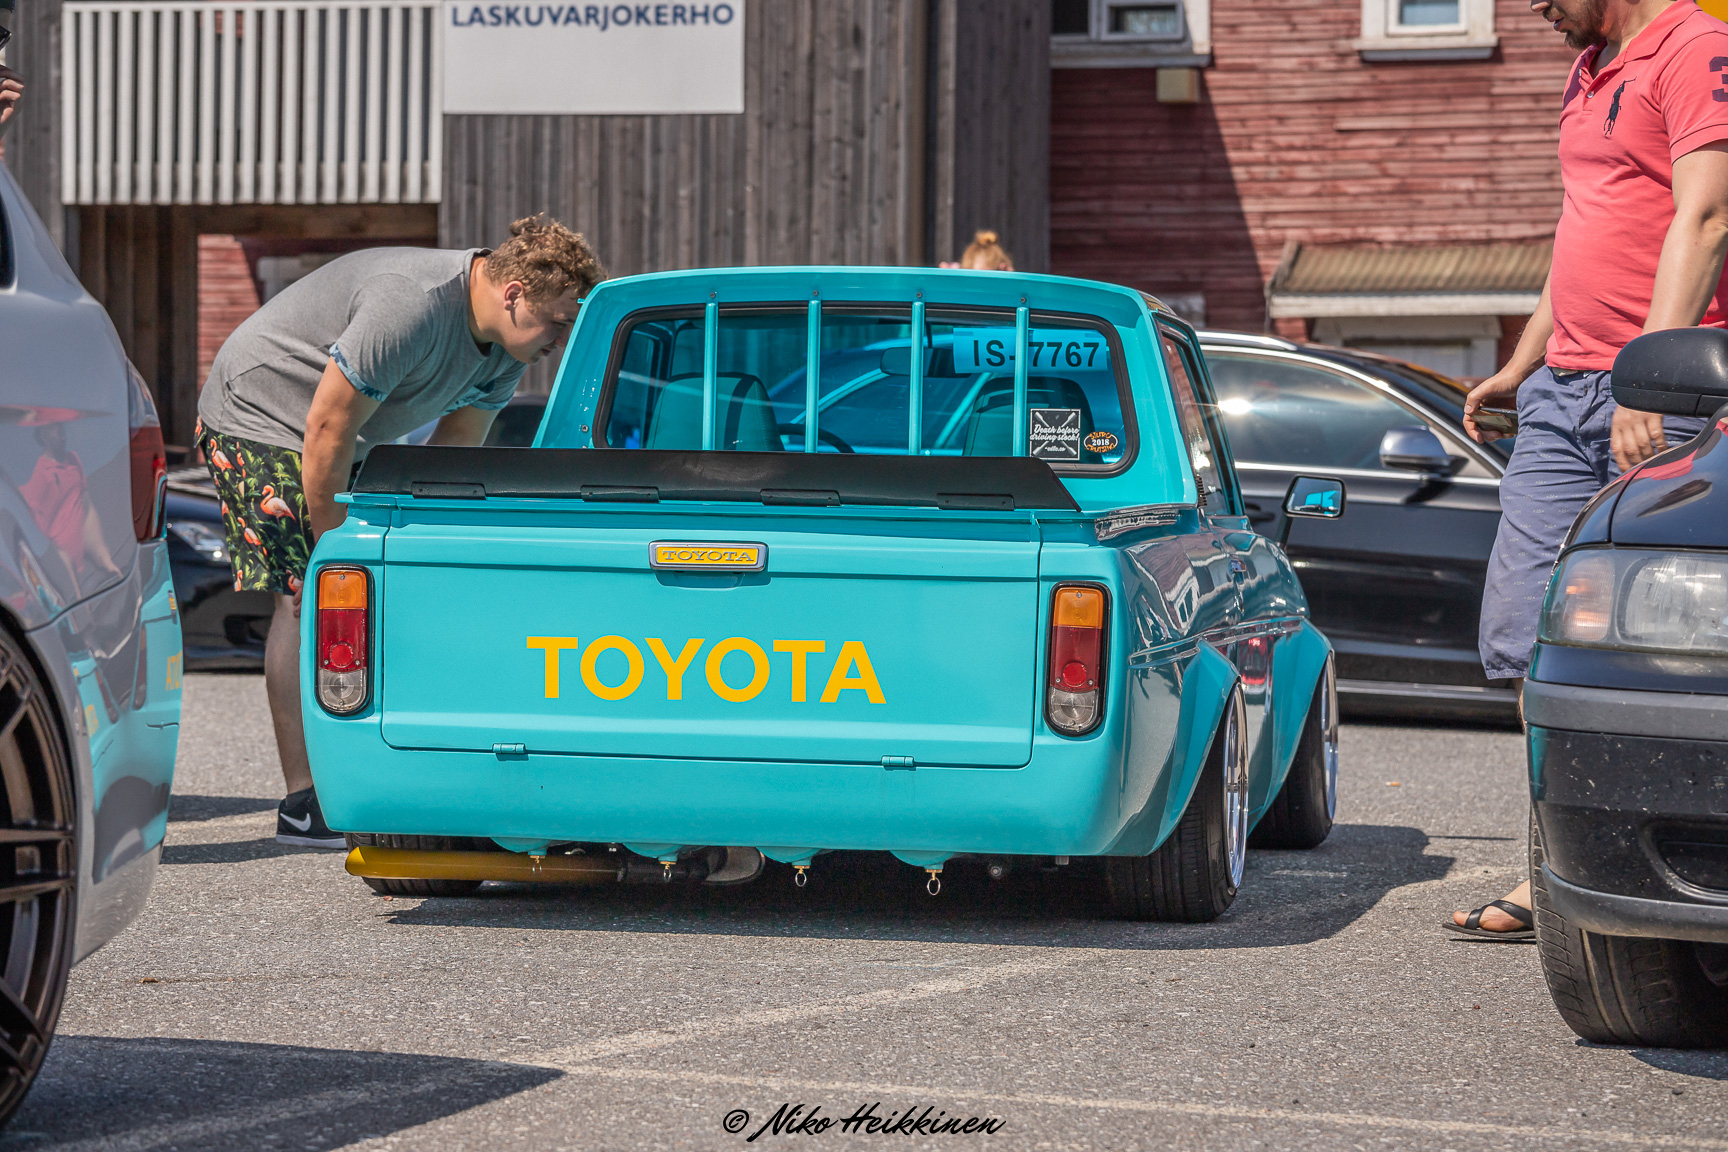 """kikarikoiso: Toyota """"tonninen""""+ jne länähommi - Sivu 5 IMG-8035"""